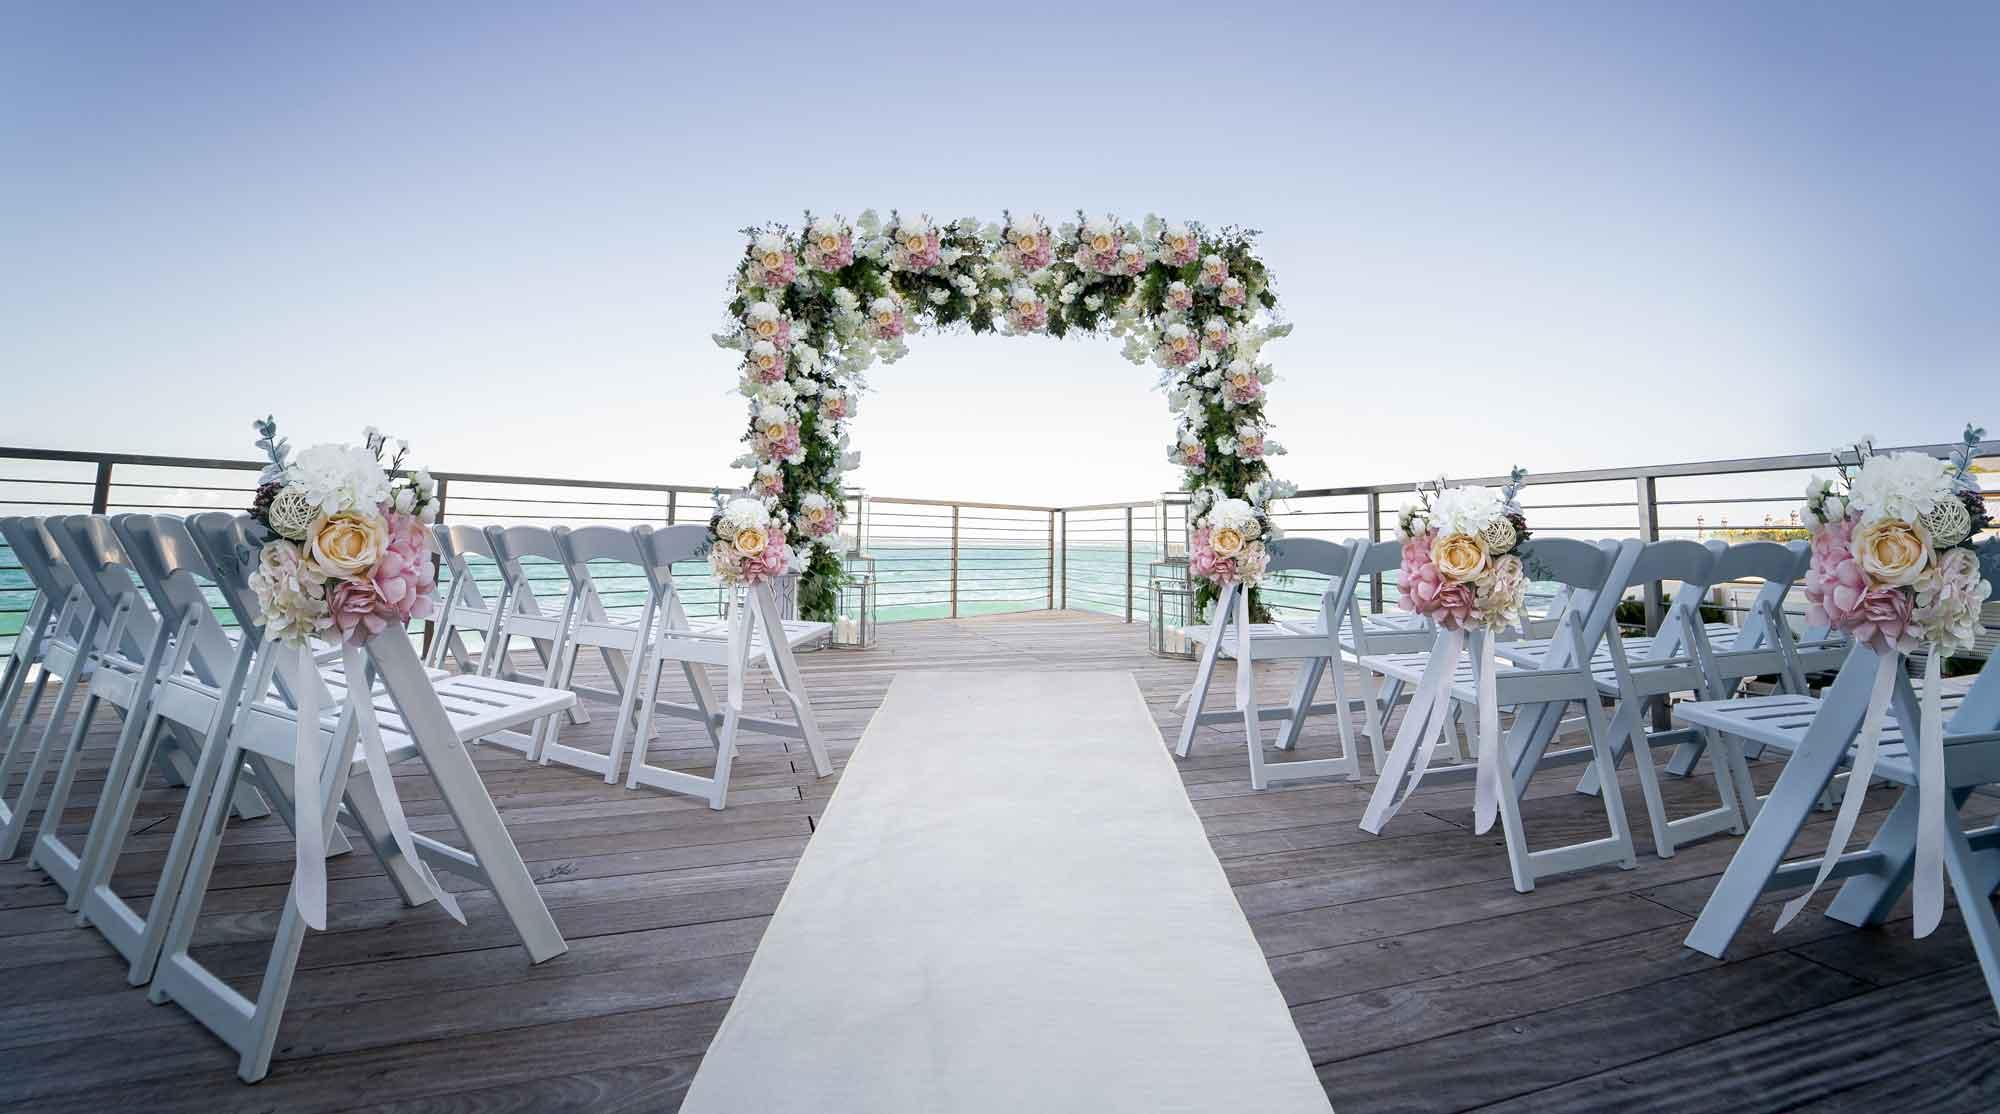 An outdoor wedding venue at the Condado Ocean Club